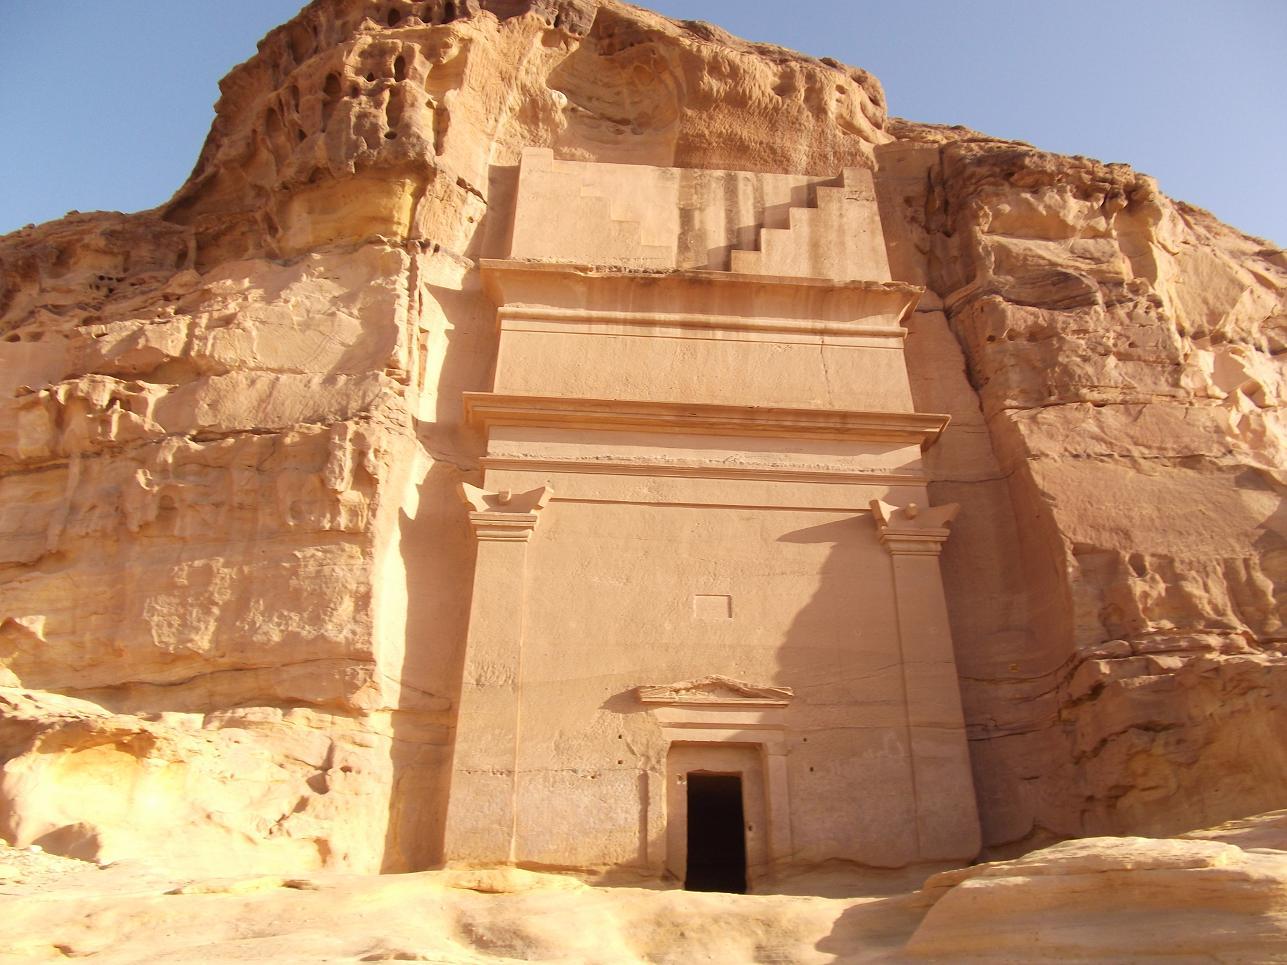 كتاب تاريخ الامم للمسعودي